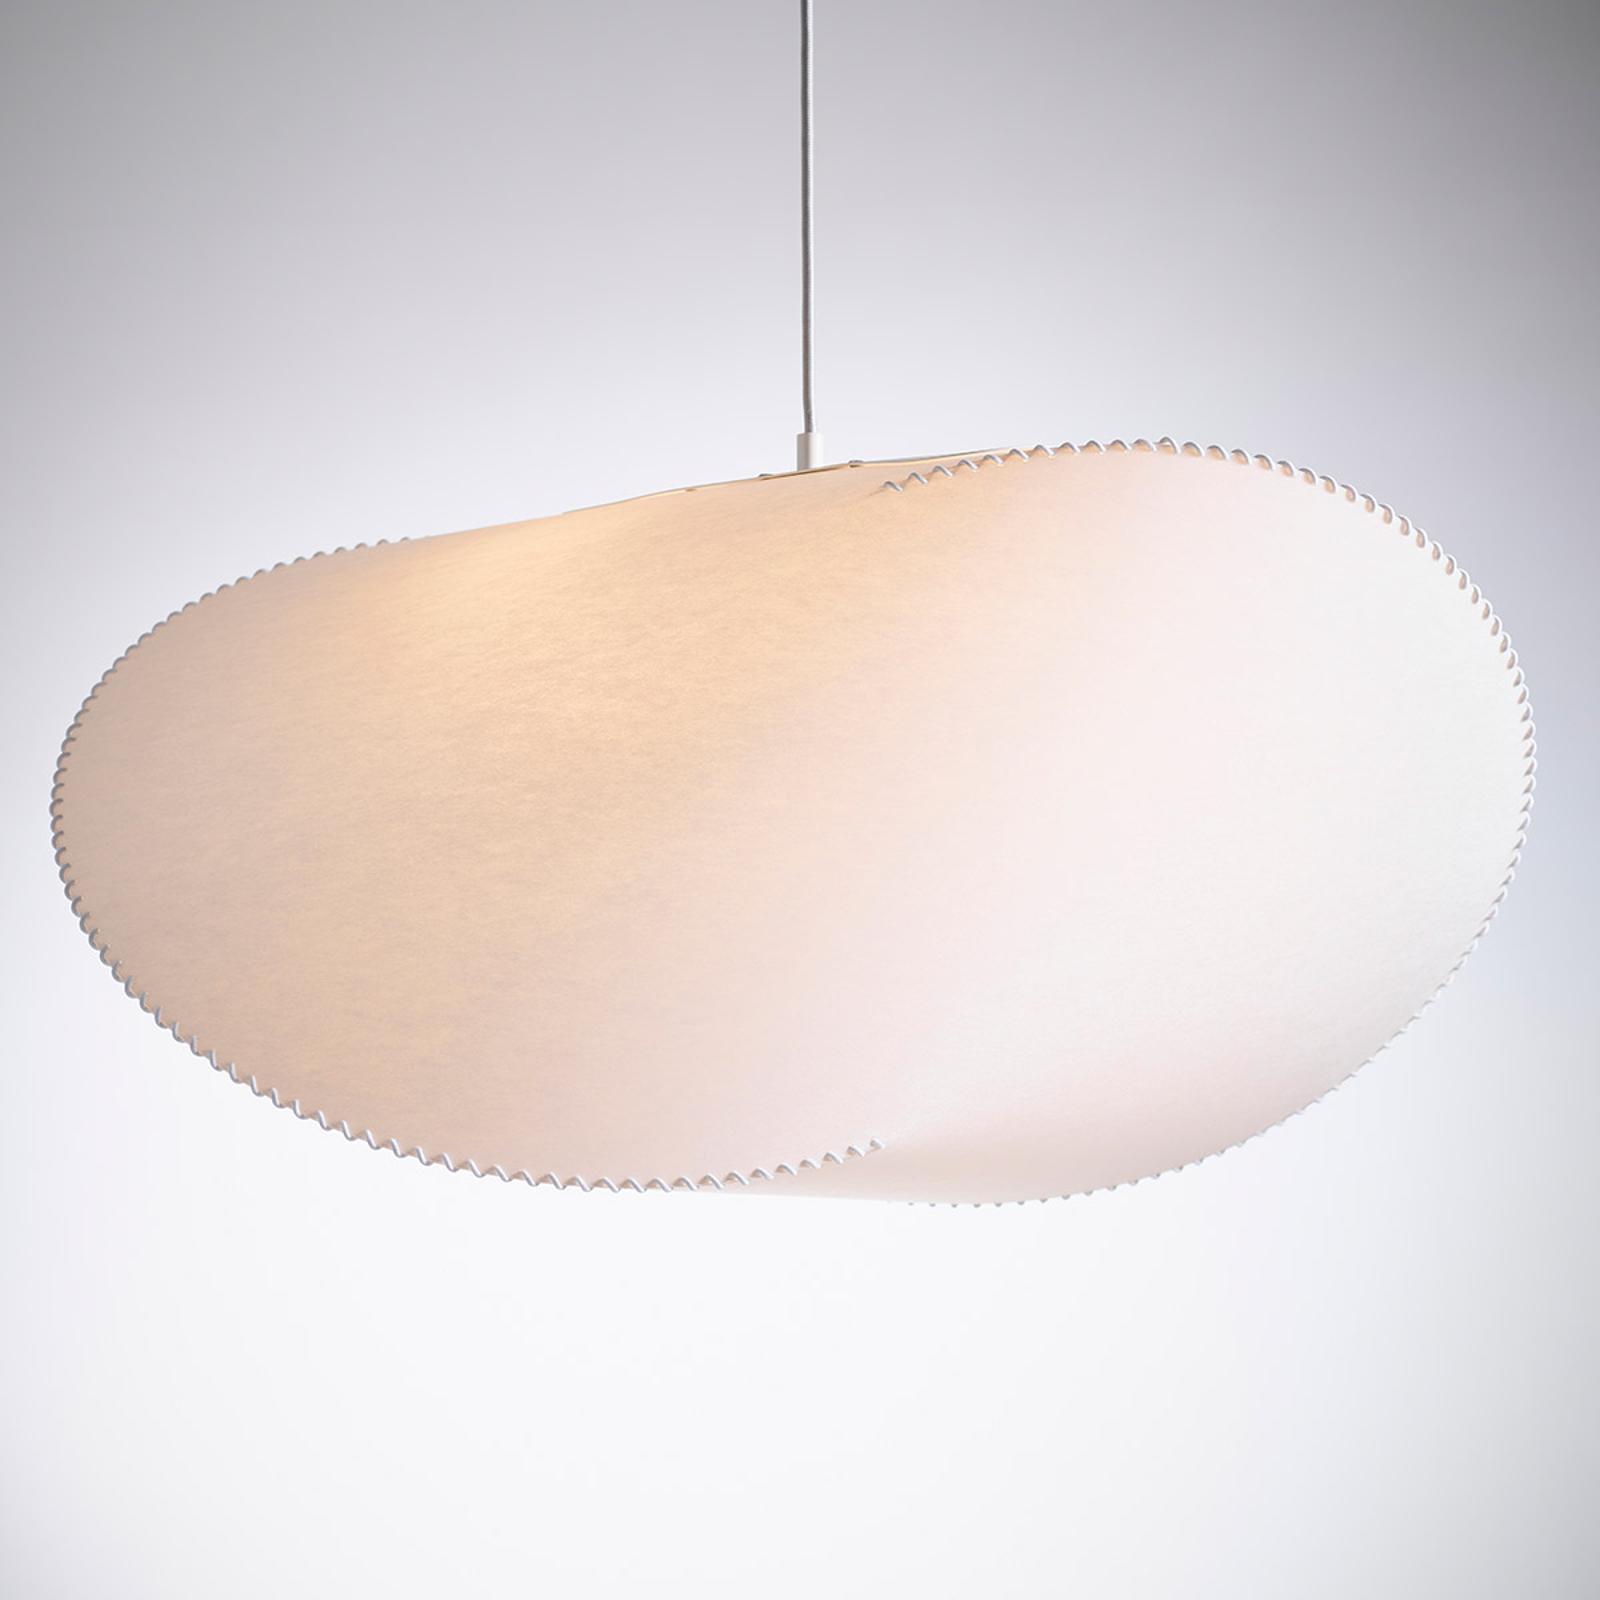 Lampa wisząca Floyd, szerokość 75 cm